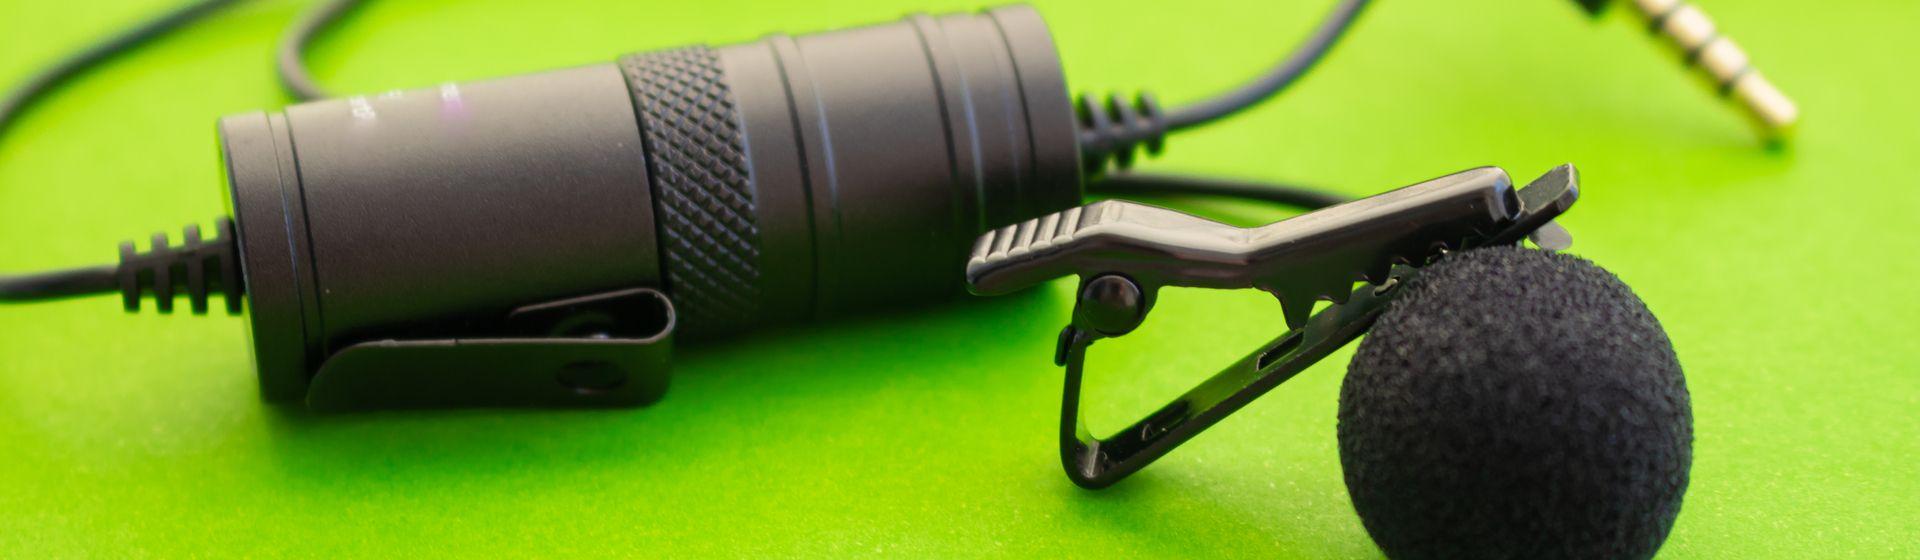 Microfone para celular apoiado em um fundo verde